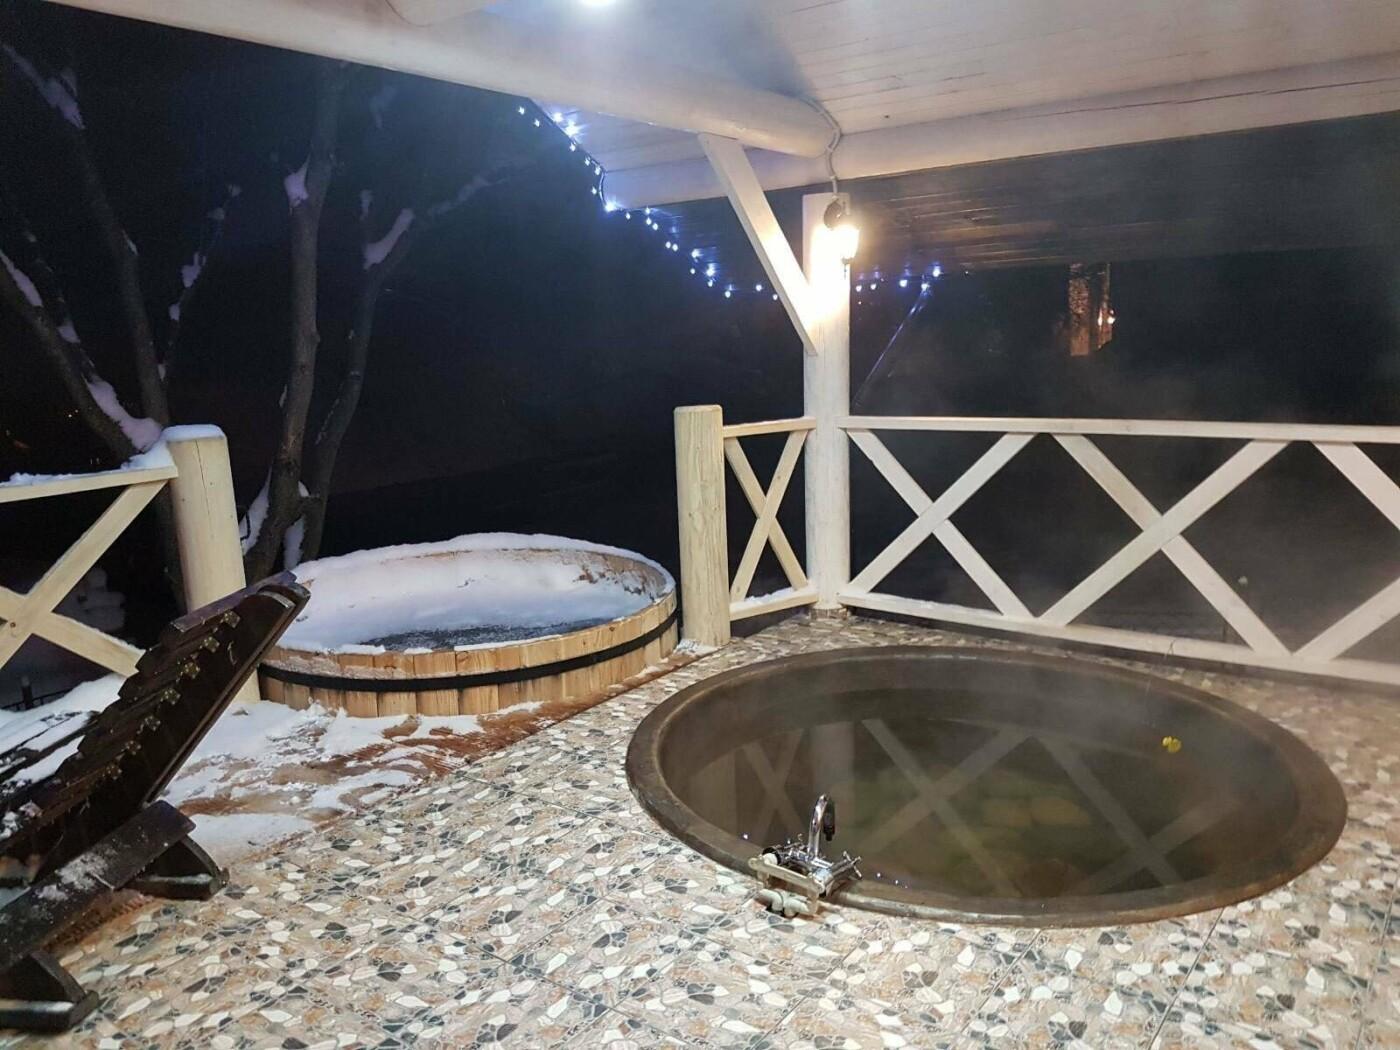 Турагентство «Vиктория» приглашает лозовчан отдохнуть в незабываемой Шри-Ланке и посетить Рождественскую сказку в Яремче, фото-36